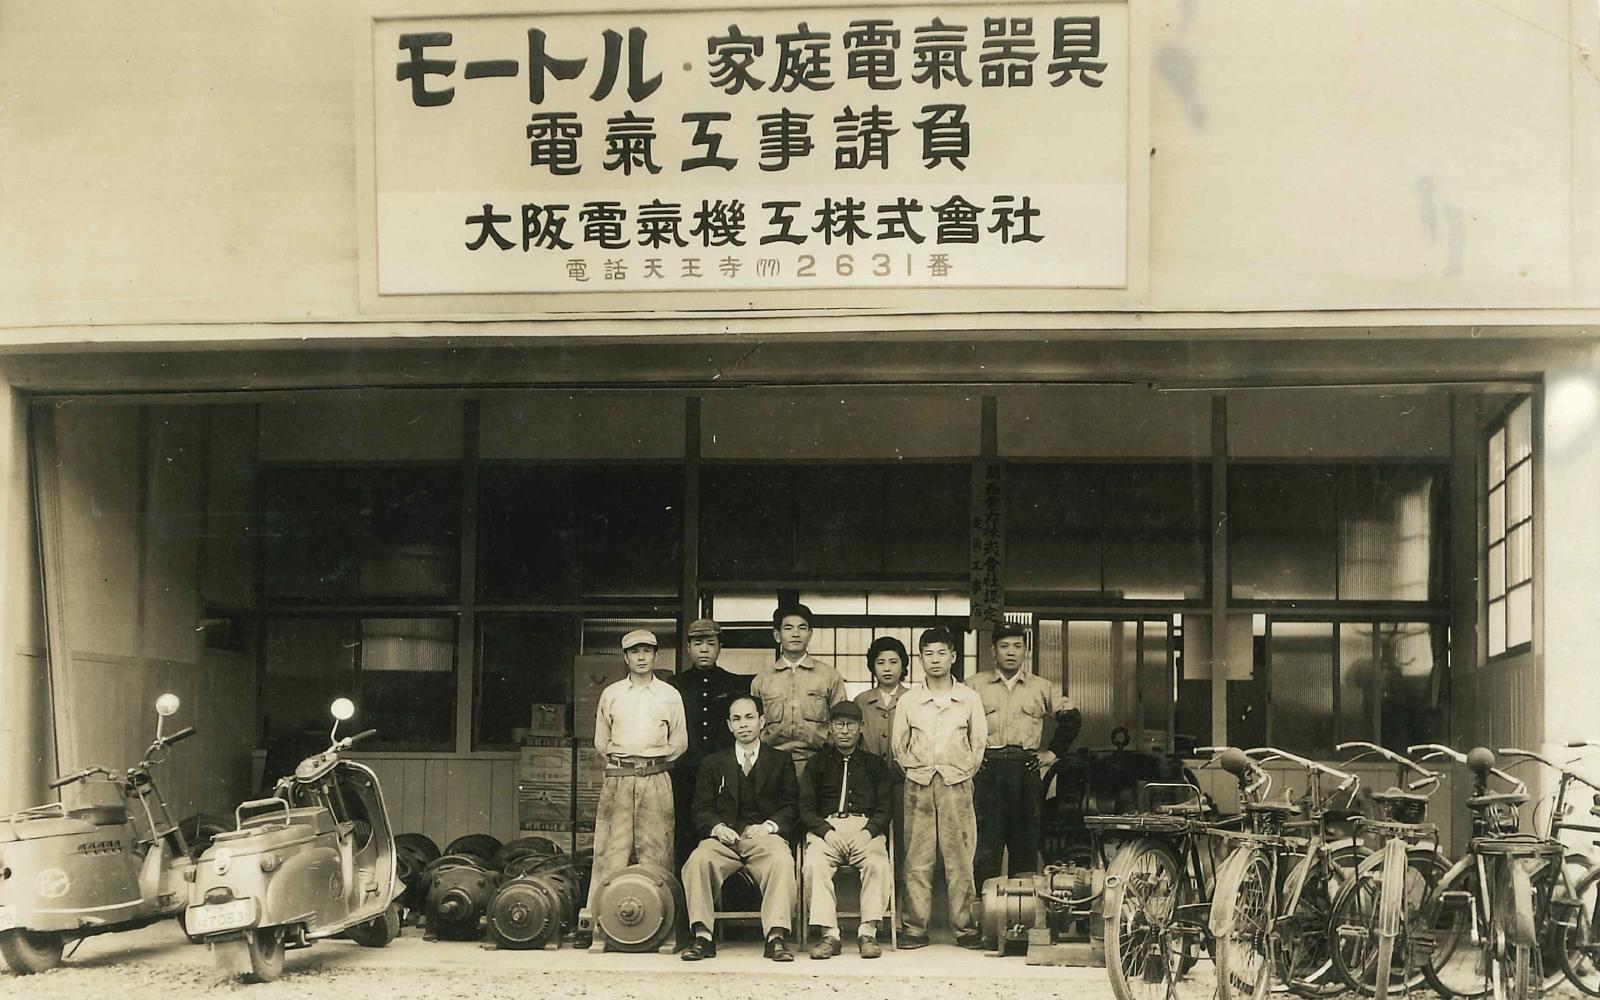 昭和31〜32年頃の当時の写真